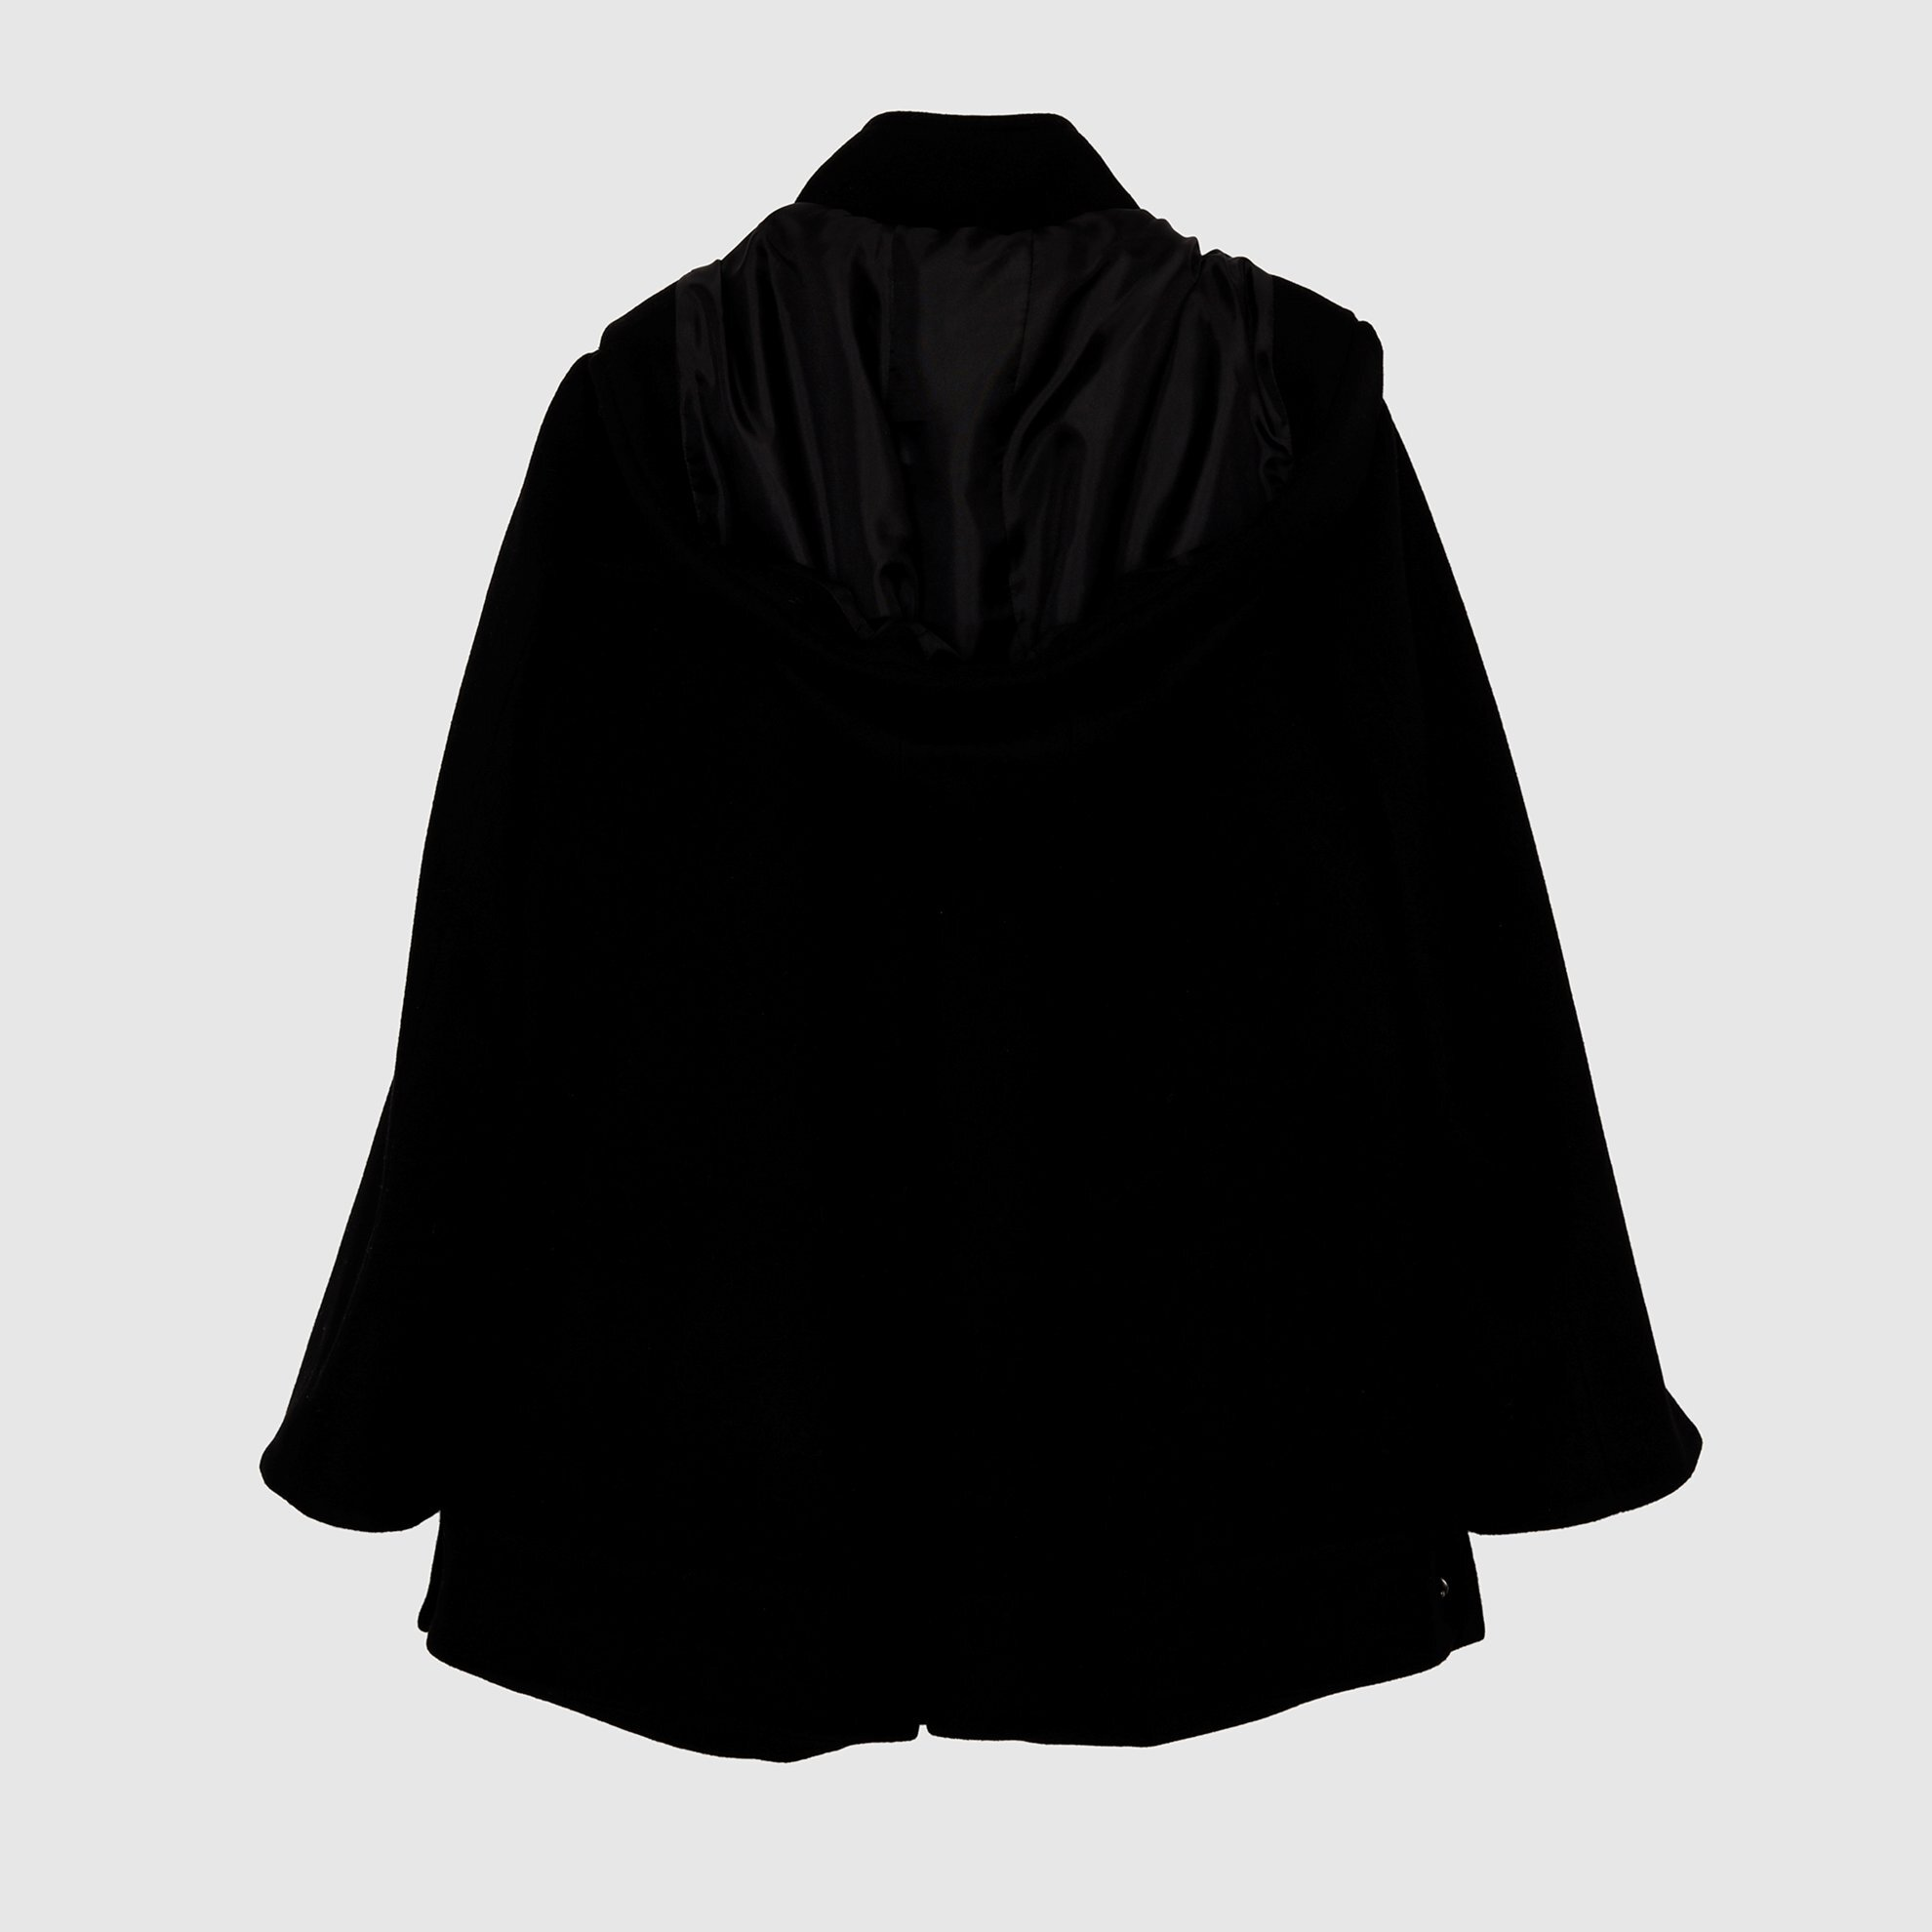 resm Kapişonlu Palto